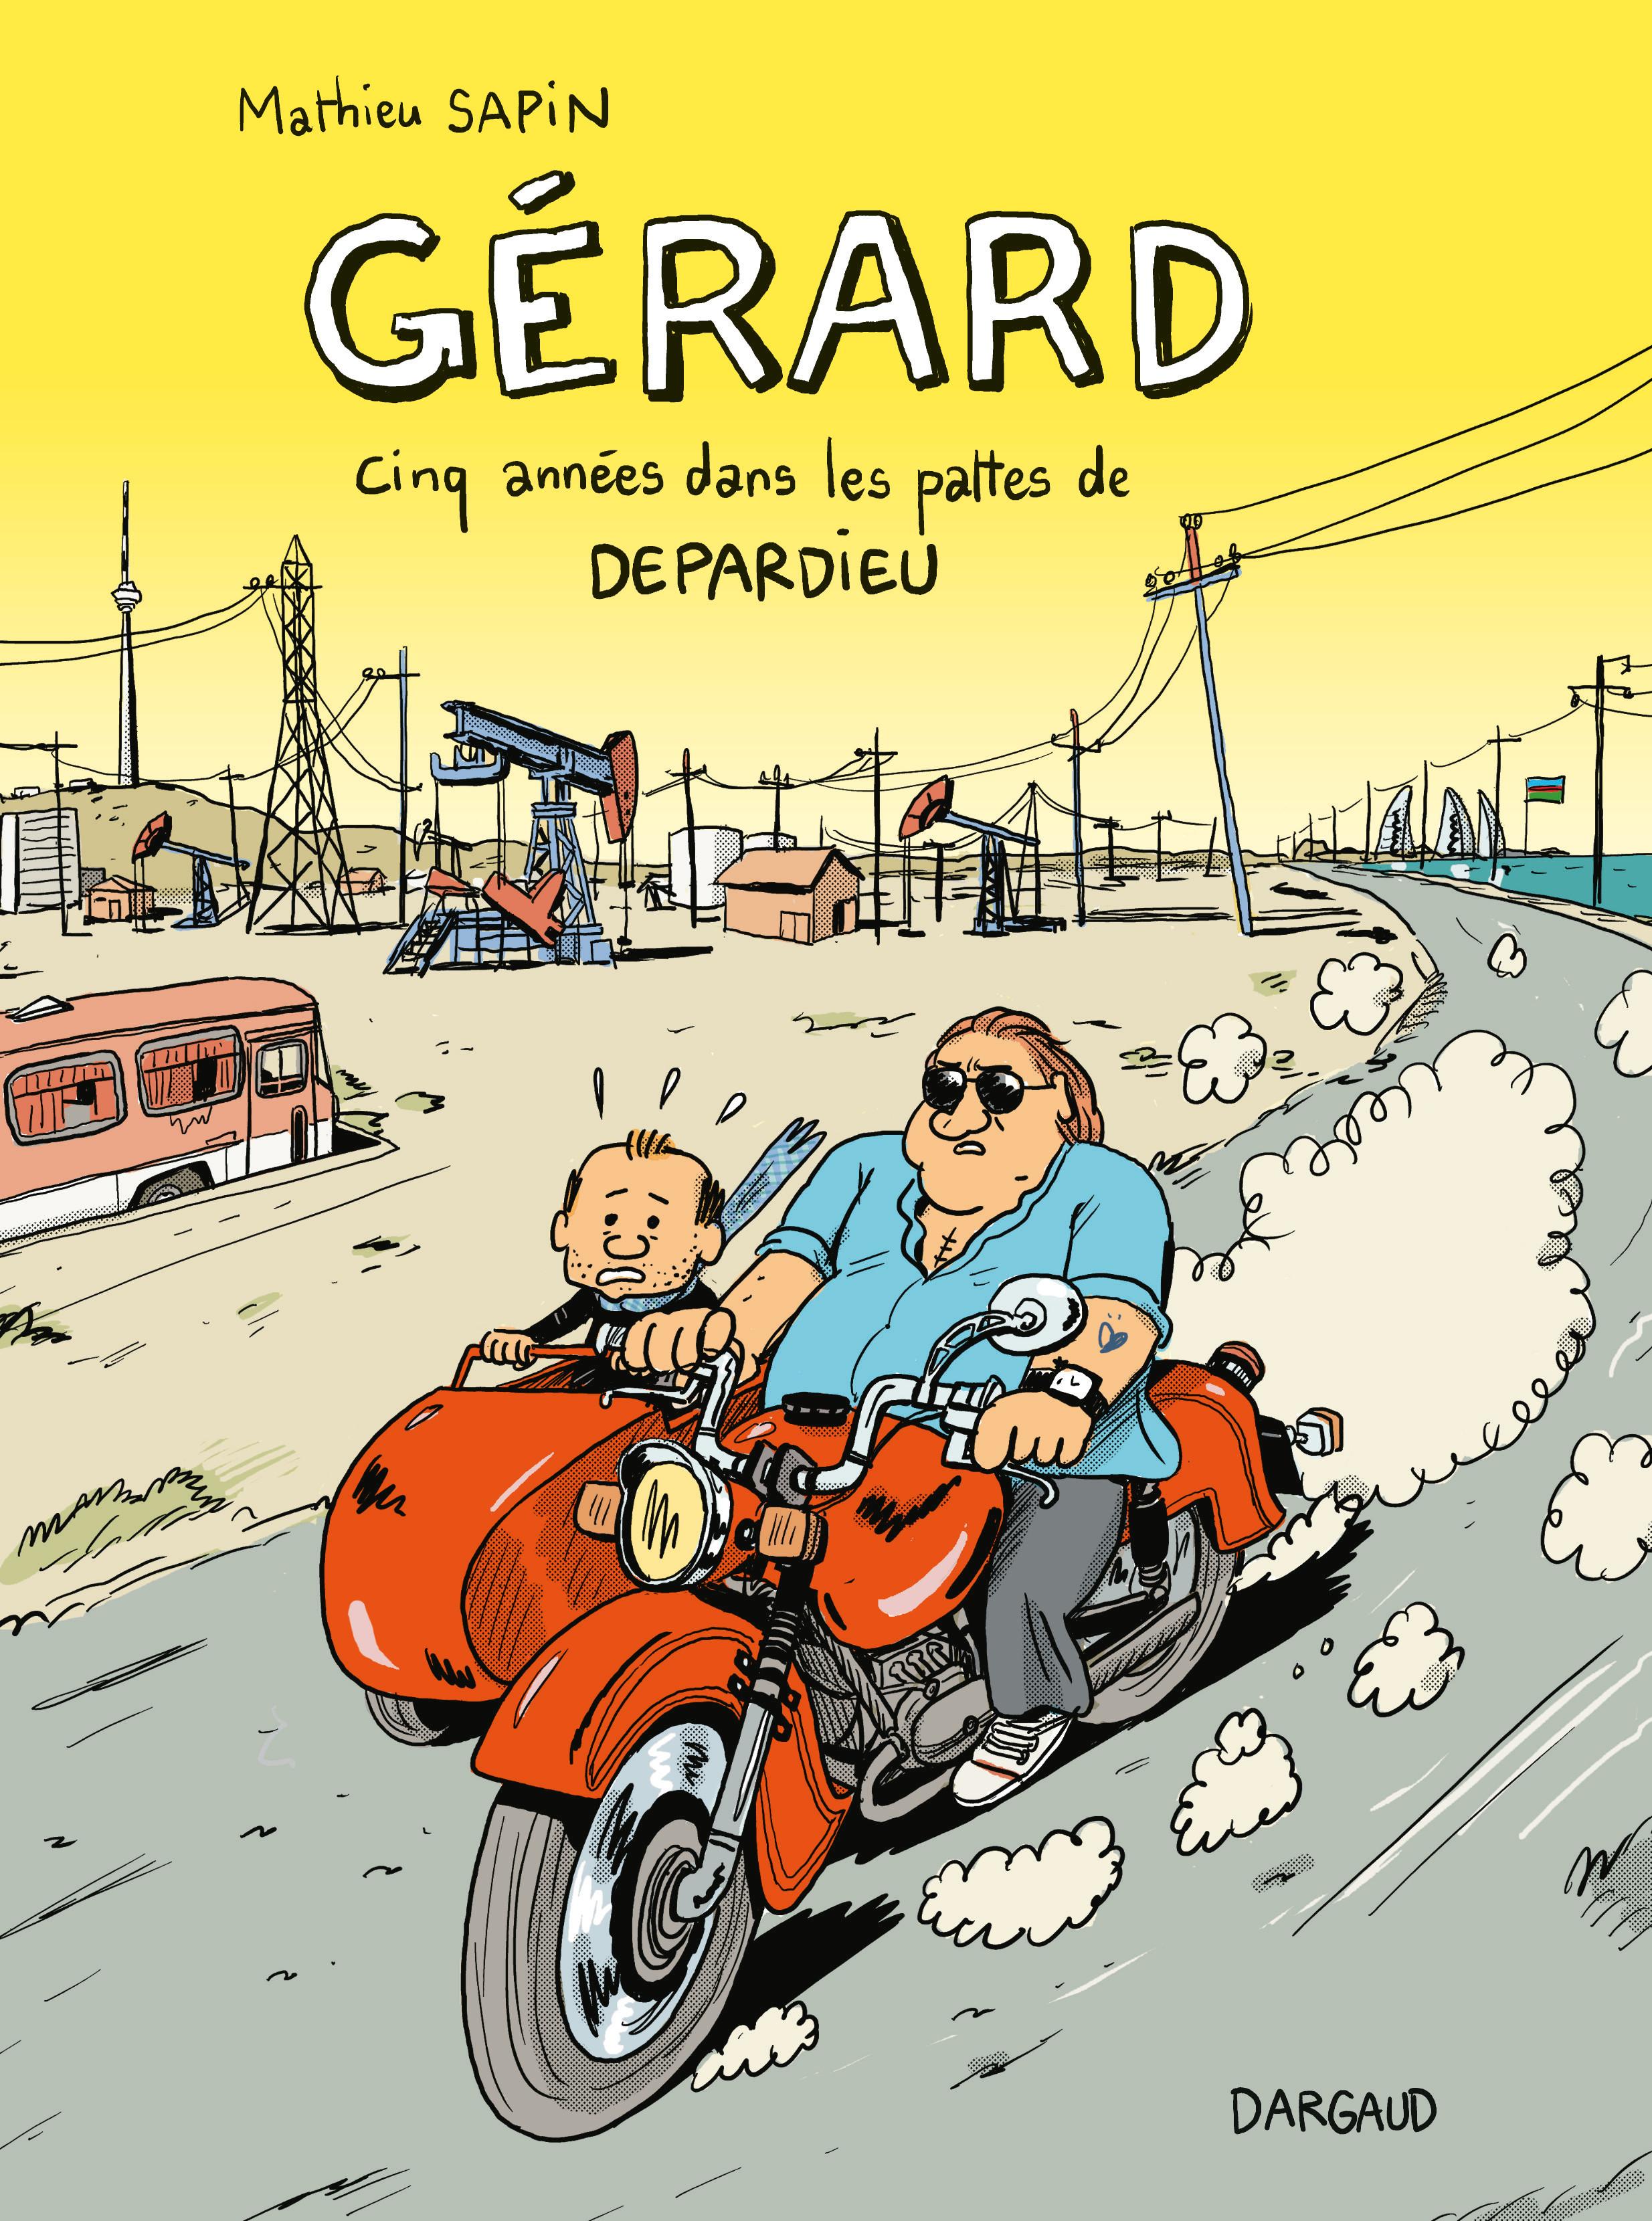 Gérard, cinq années dans les pattes de Depardieu | Mathieu Sapin,